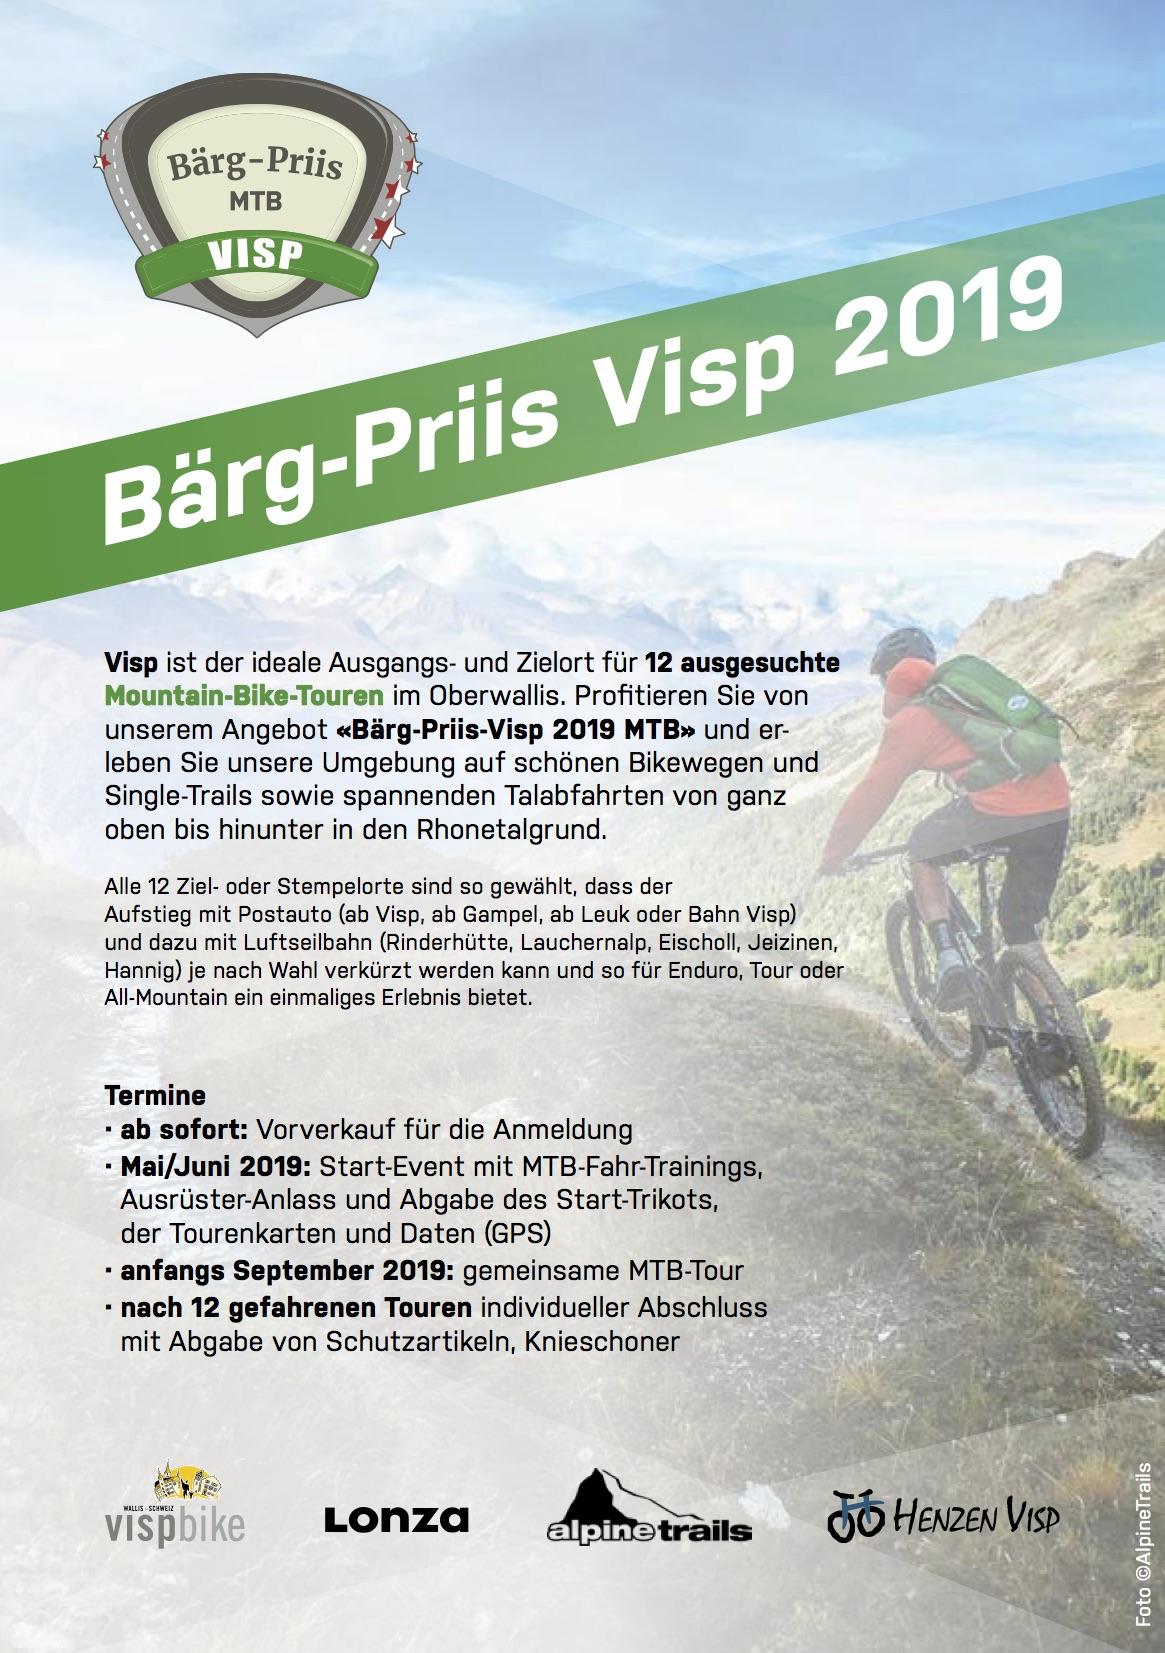 """Bärg-Priis MTB 2019 - Im Auftrag von Visp Tourismus und in Zusammenarbeit mit lokalen Partnern haben wir das buchbare Sommer-Package """"Bärg-Priis MTB"""" Visp mitentwickelt und die Routen dazu geplant.Bei der Buchung des Packages erhält der Gast den 1. Teil der Bike-Bekleidung/Ausrüstung und dazu eine Stempelkarte mit 12 attraktiven Bike-Touren im Oberwallis. Nach dem Abholen aller Stempel in versch. Bergrestaurants, die entlang der Touren zu erreichen sind, kann der 2. Teil der Ausrüstung abgeholt werden.Alle Infos & Anmeldung unter: > https://baerg-priis.ch <"""